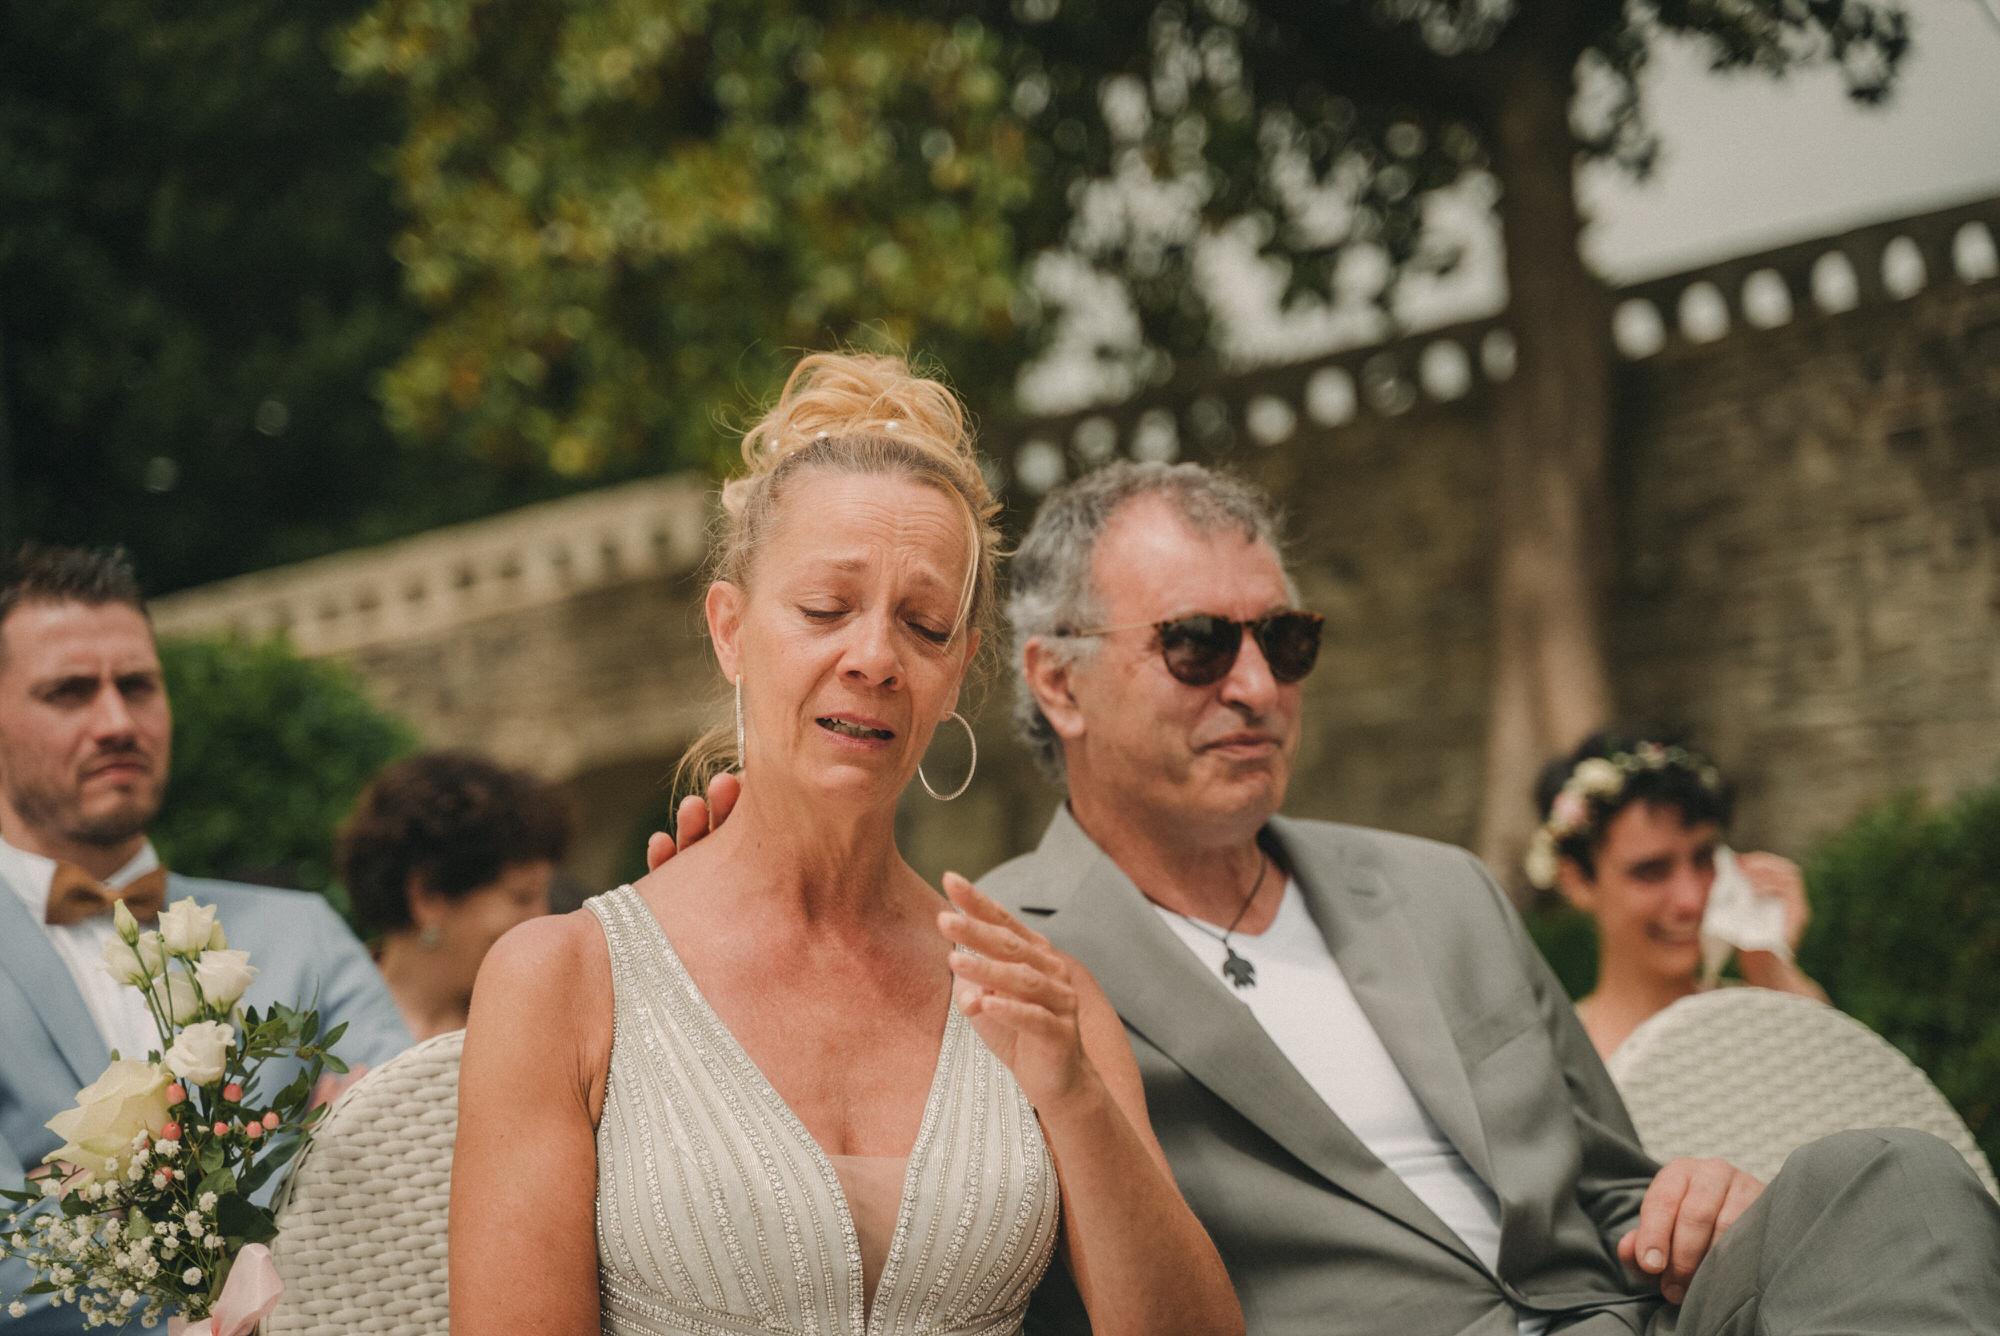 Photo De Mariage Au Manoir De Kerhuel A Plouneour Lanvern De Perle Danilson Par Antoine Borzeix 475, Photographe & Videaste à Brest / Finistère